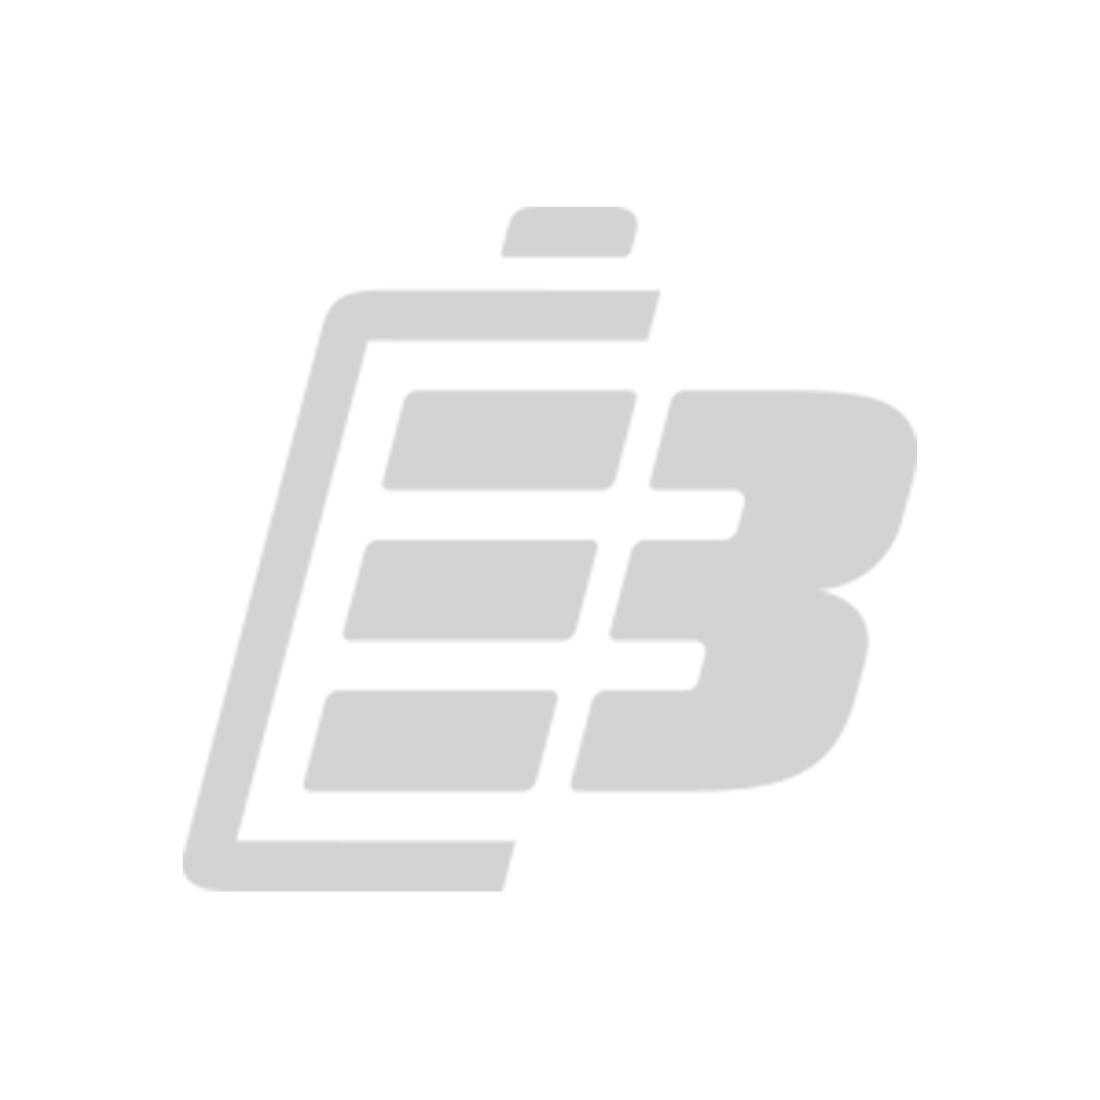 Μπαταρία ασύρματου τηλεφώνου Siemens CS240_1